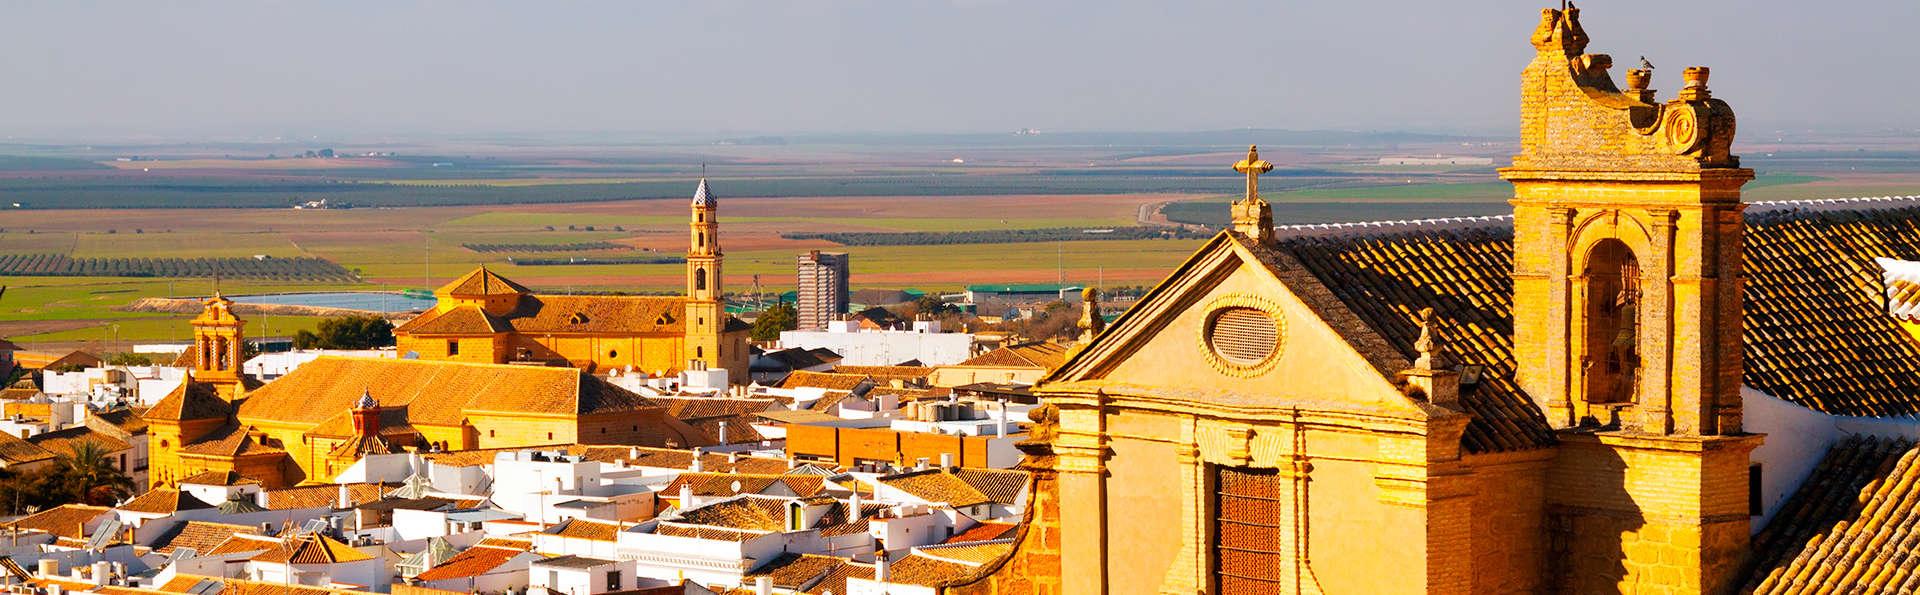 La Casona de Calderón - EDIT_destination.jpg